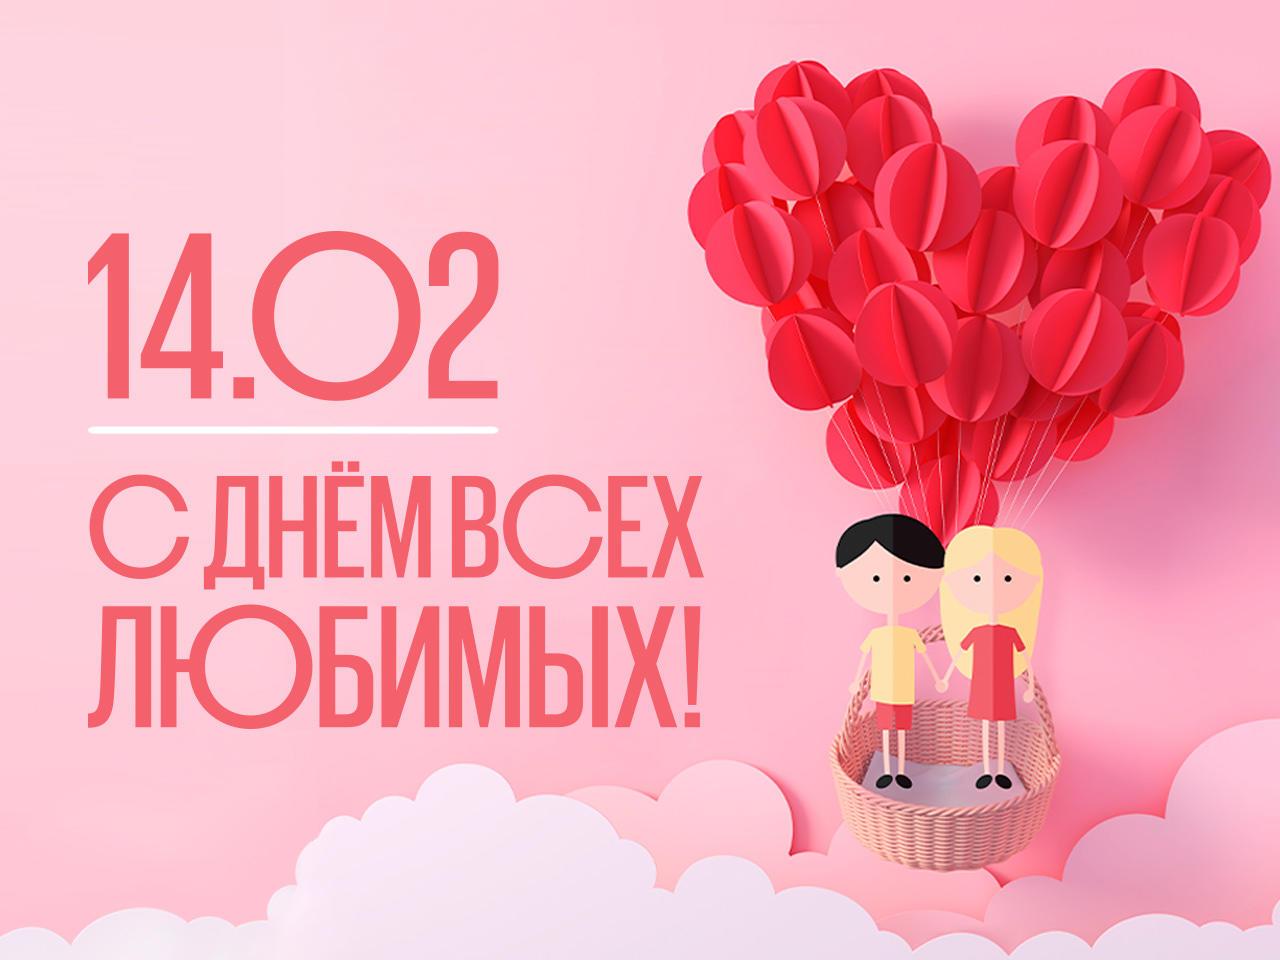 14 февраля – день всех любимых!